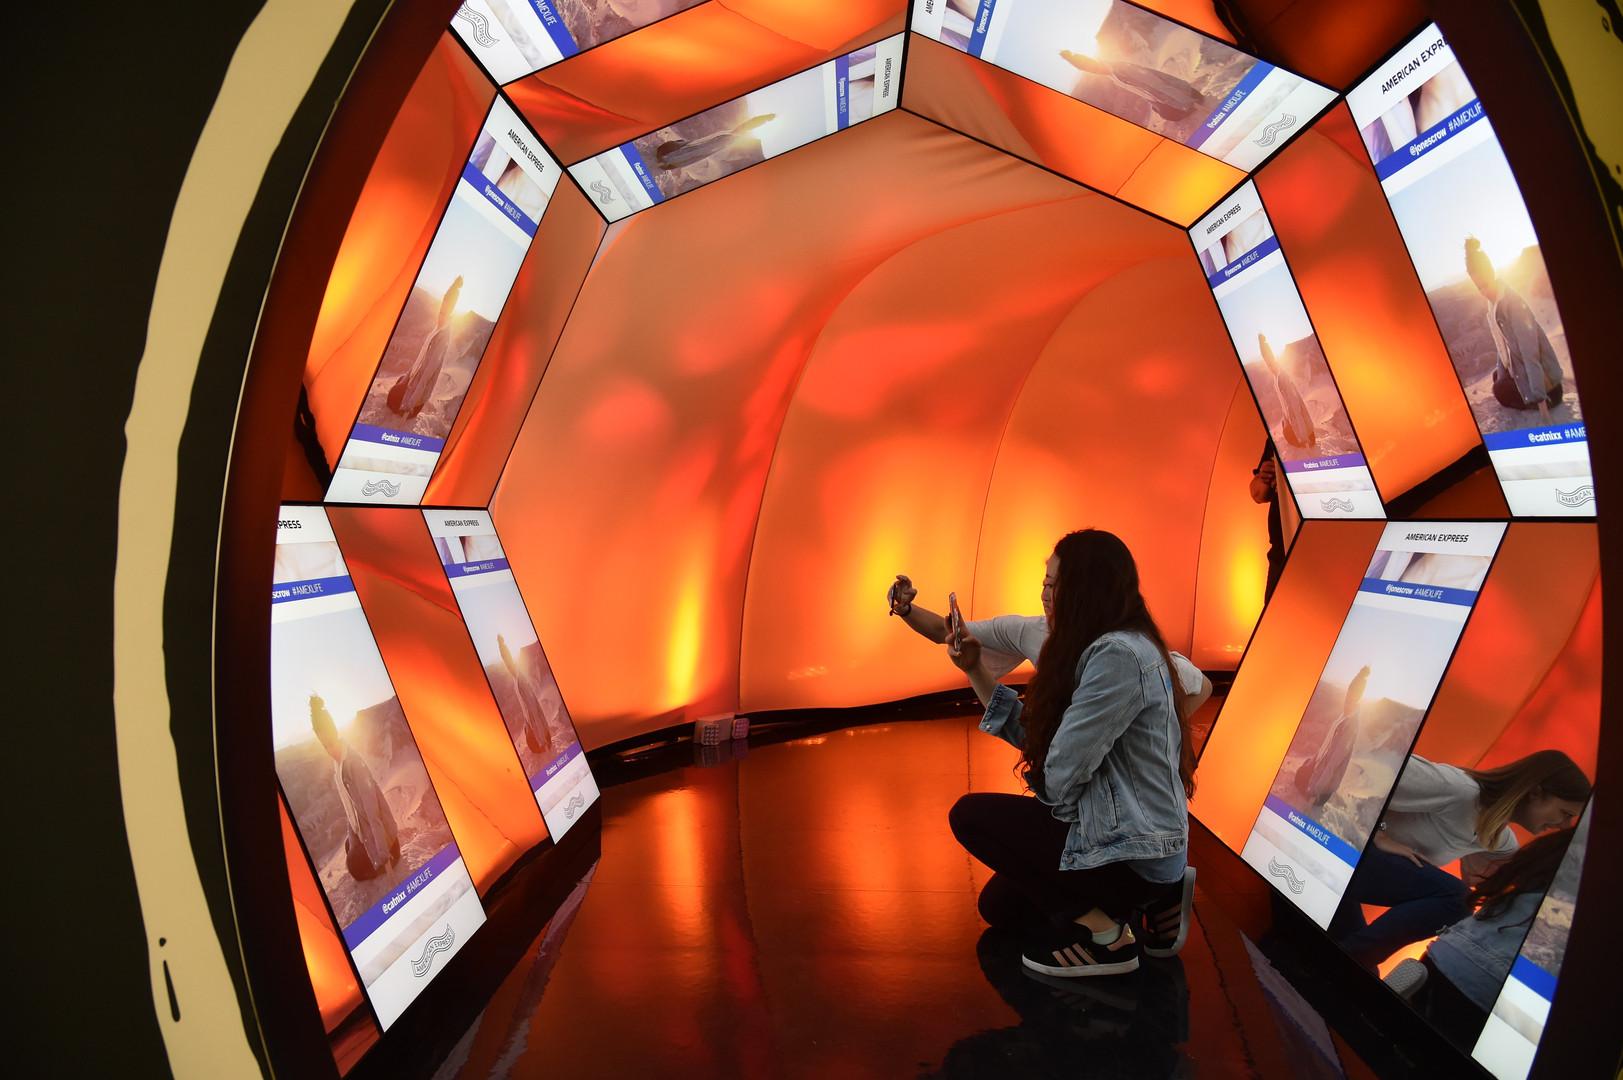 Tunnel & kaleidoscope